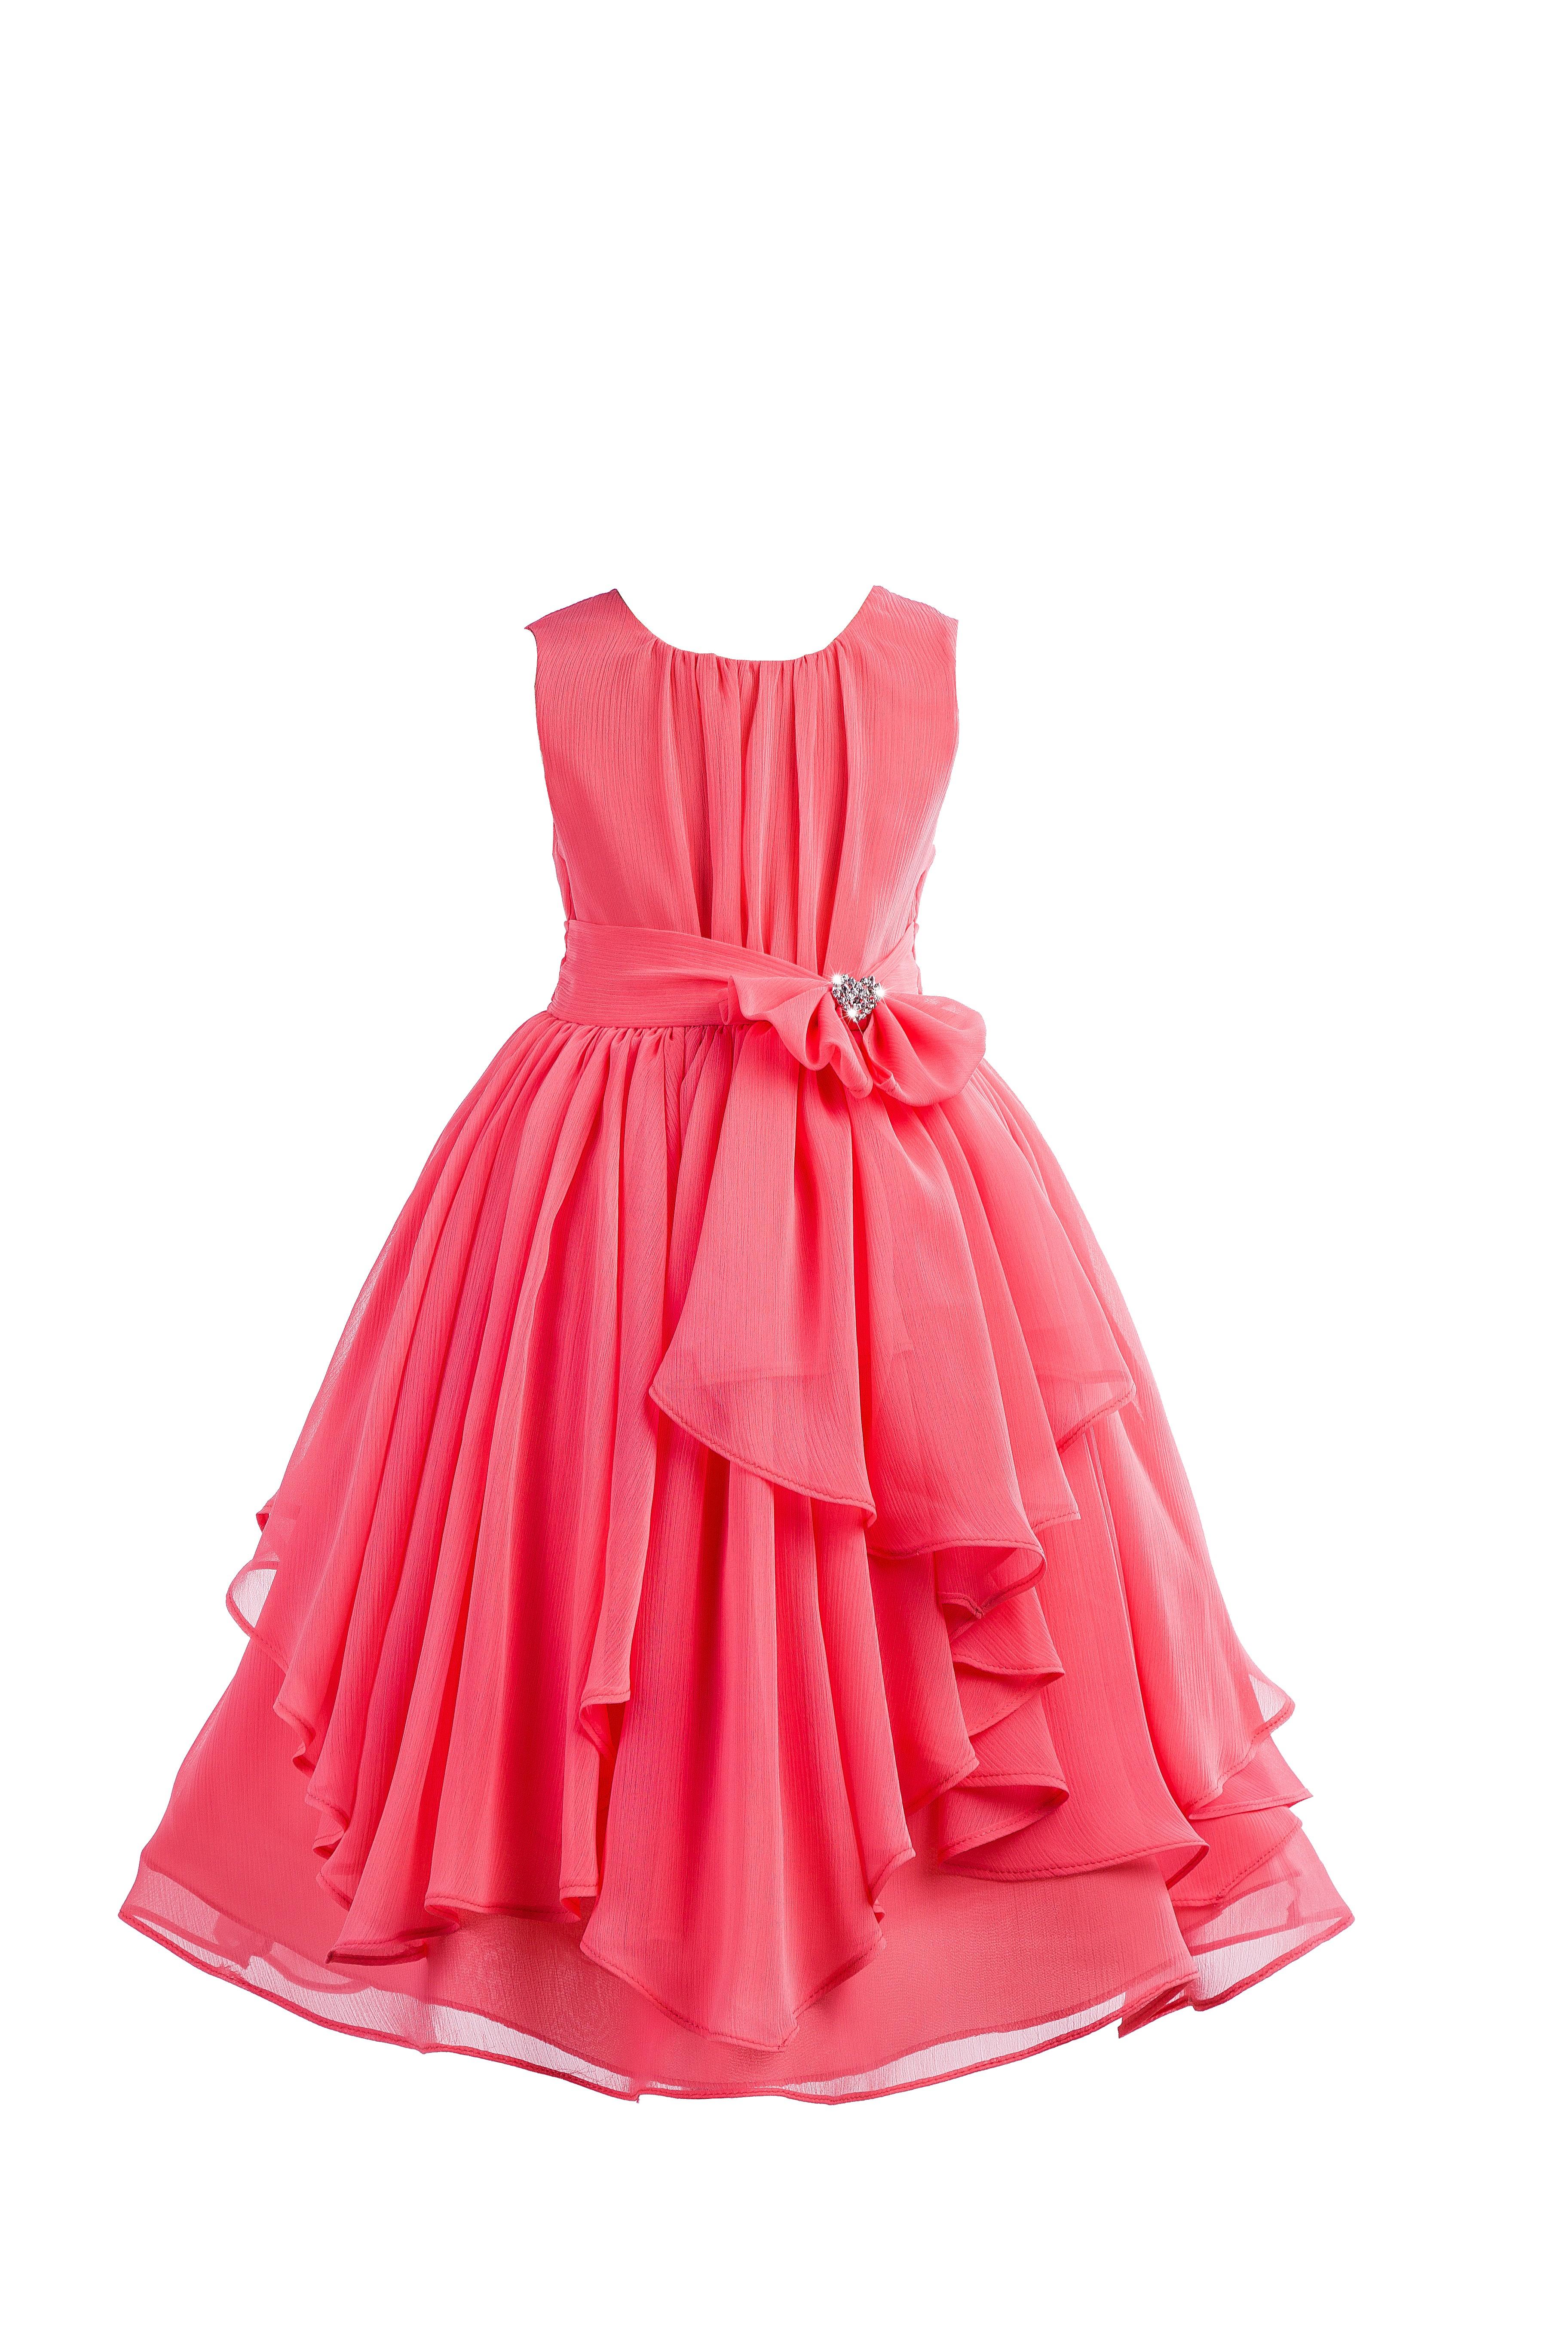 Coral Yoryu Chiffon Ruched Bodice Rhinestone Flower Girl Dress 162S